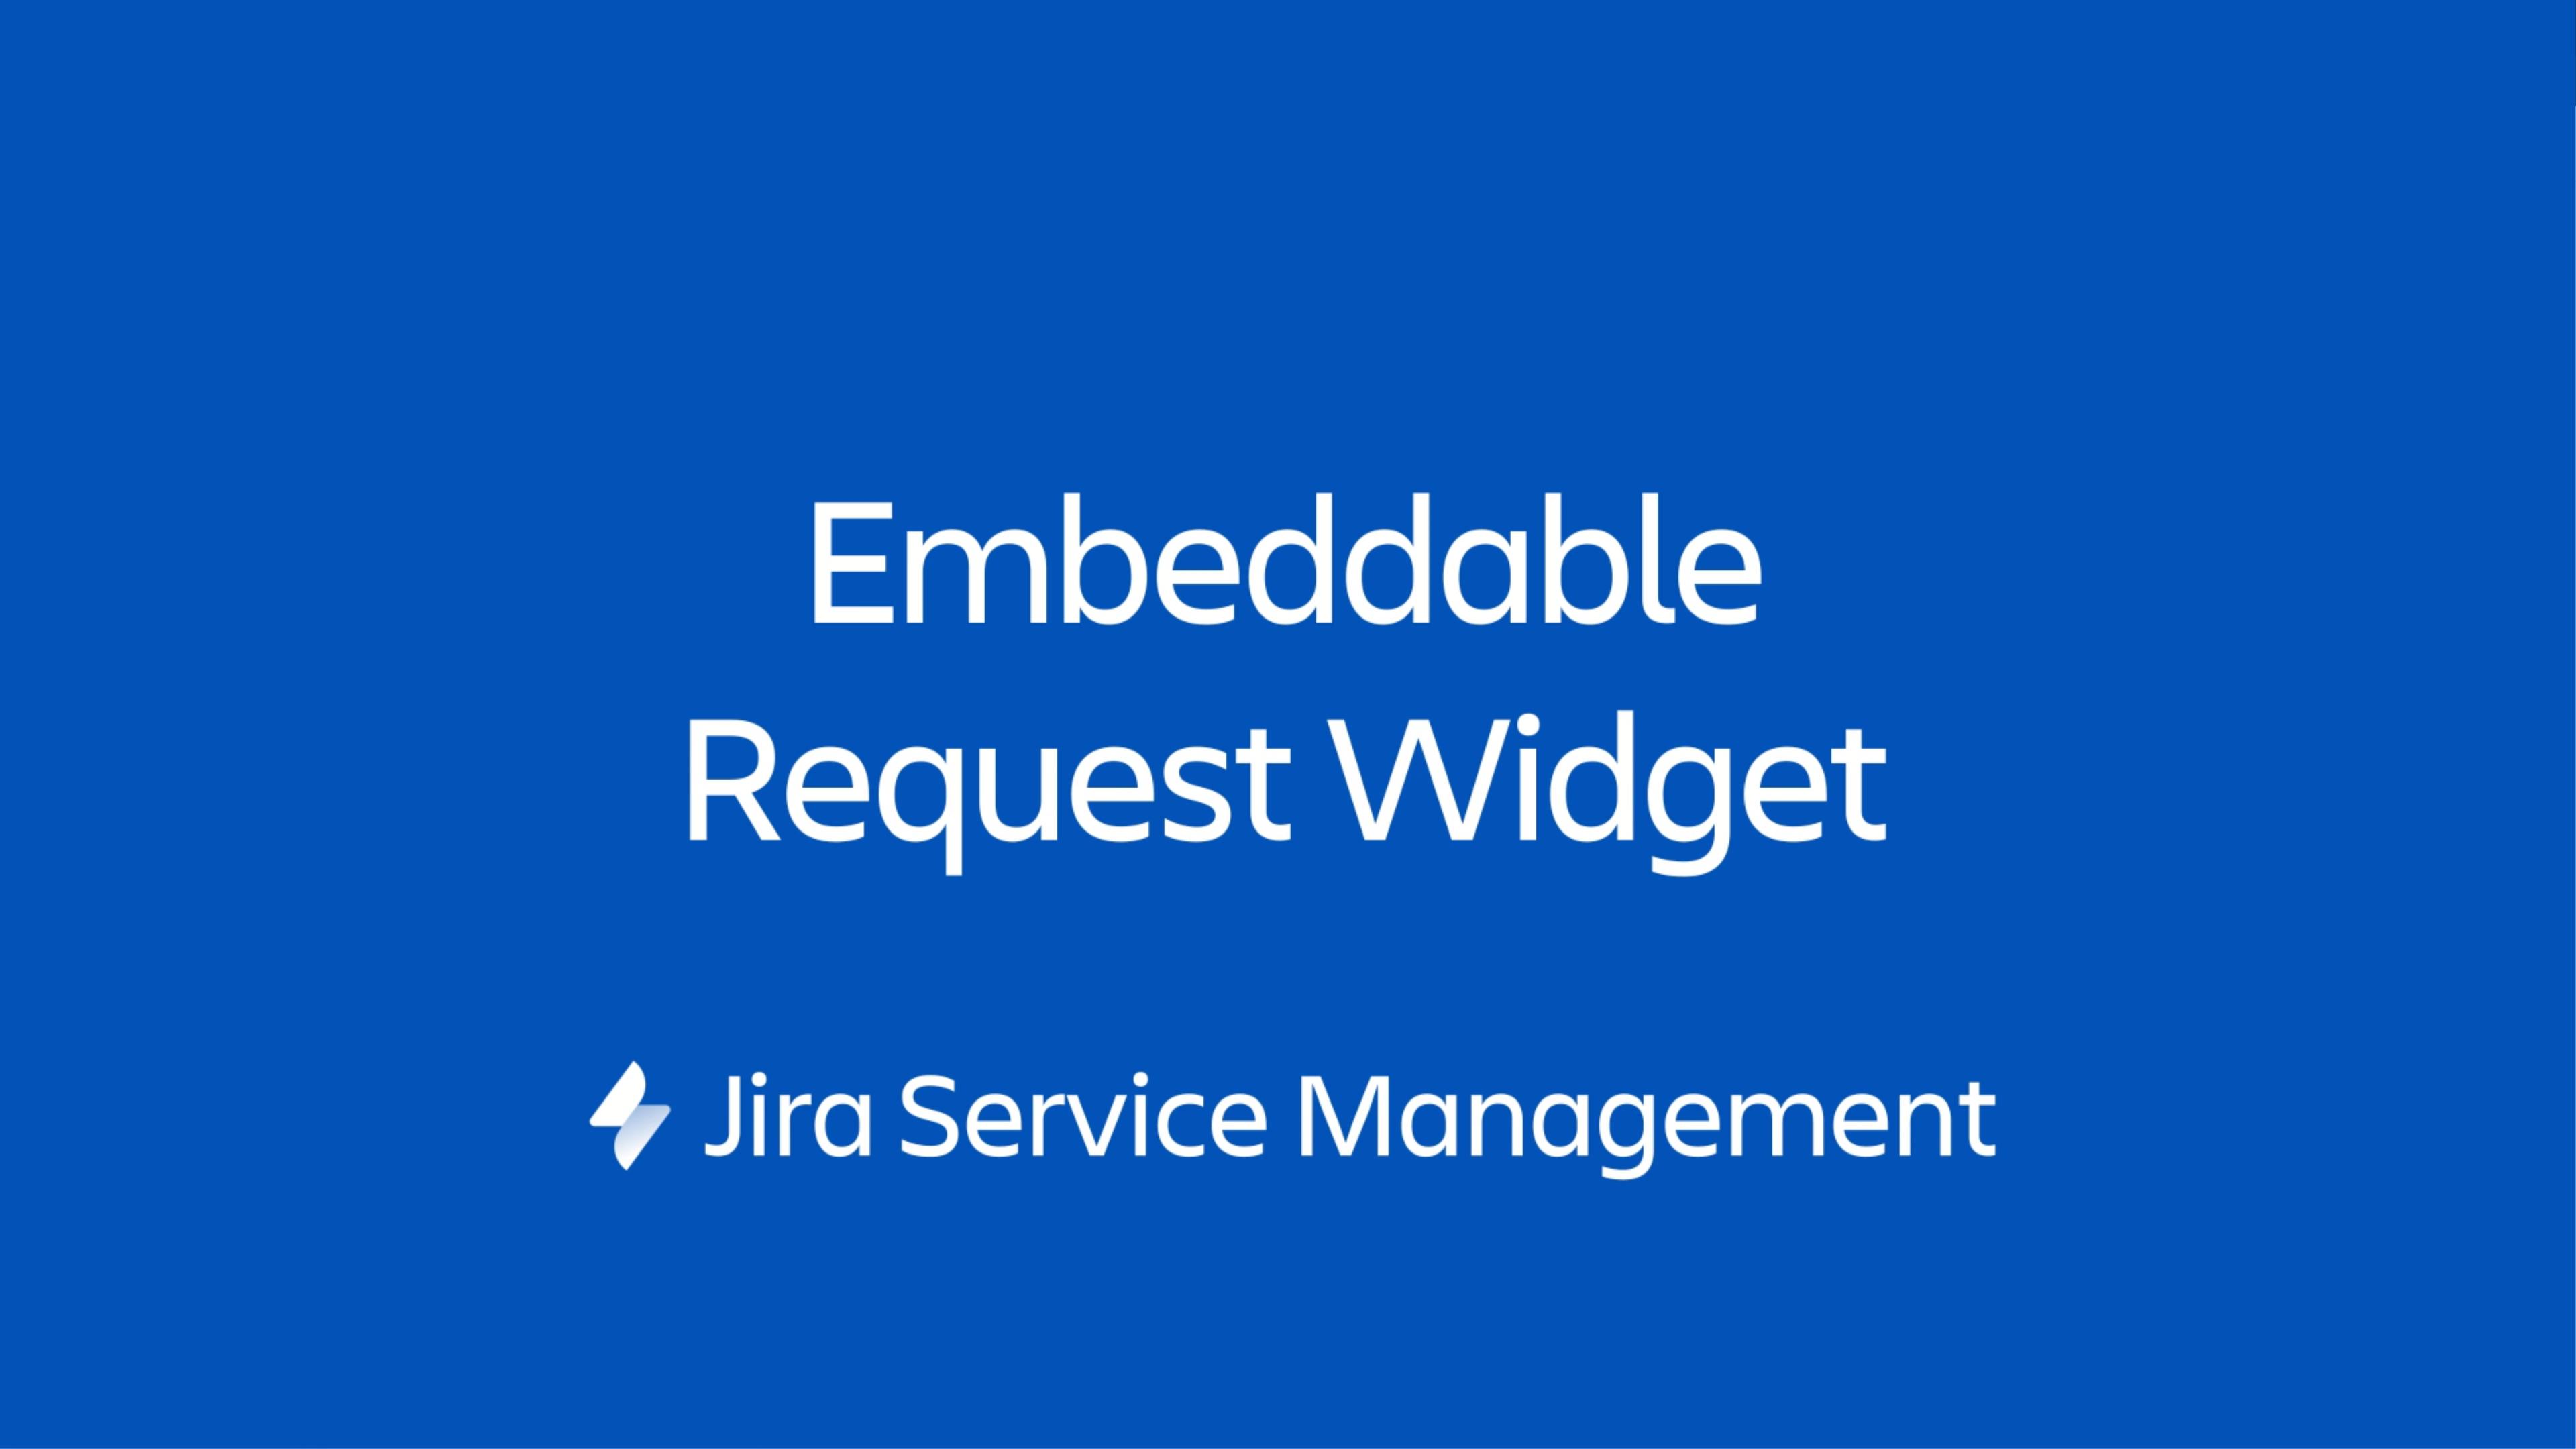 Ein Jira Service Management-Widget ist ein Mini-Portal, das du in jede von dir verwaltete Webseite einbetten kannst.